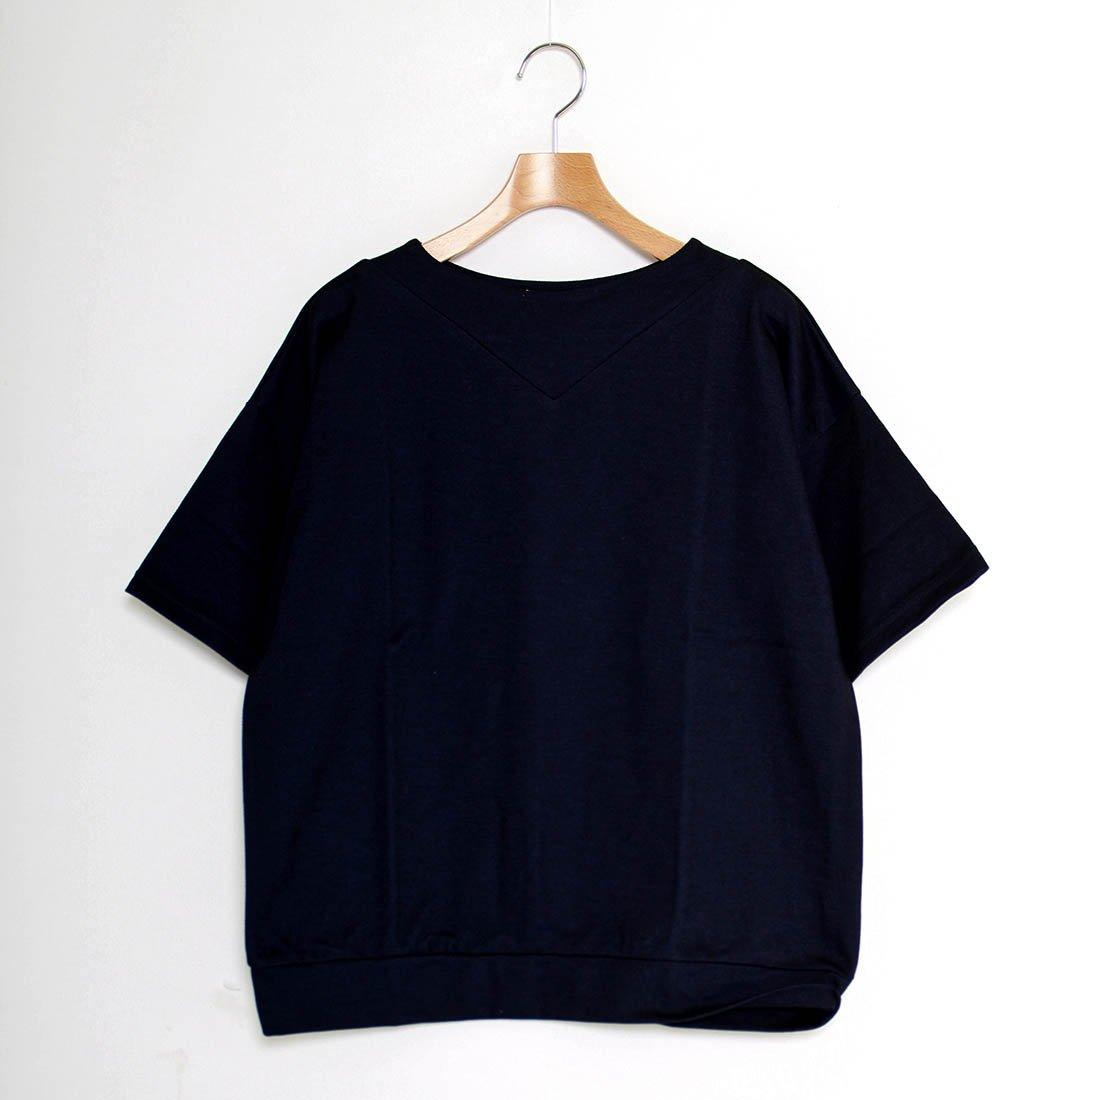 (ジーンズファクトリークローズ) Jeans Factory Clothes クールマックスTシャツ [183825] B07DFZXTFV  48  F